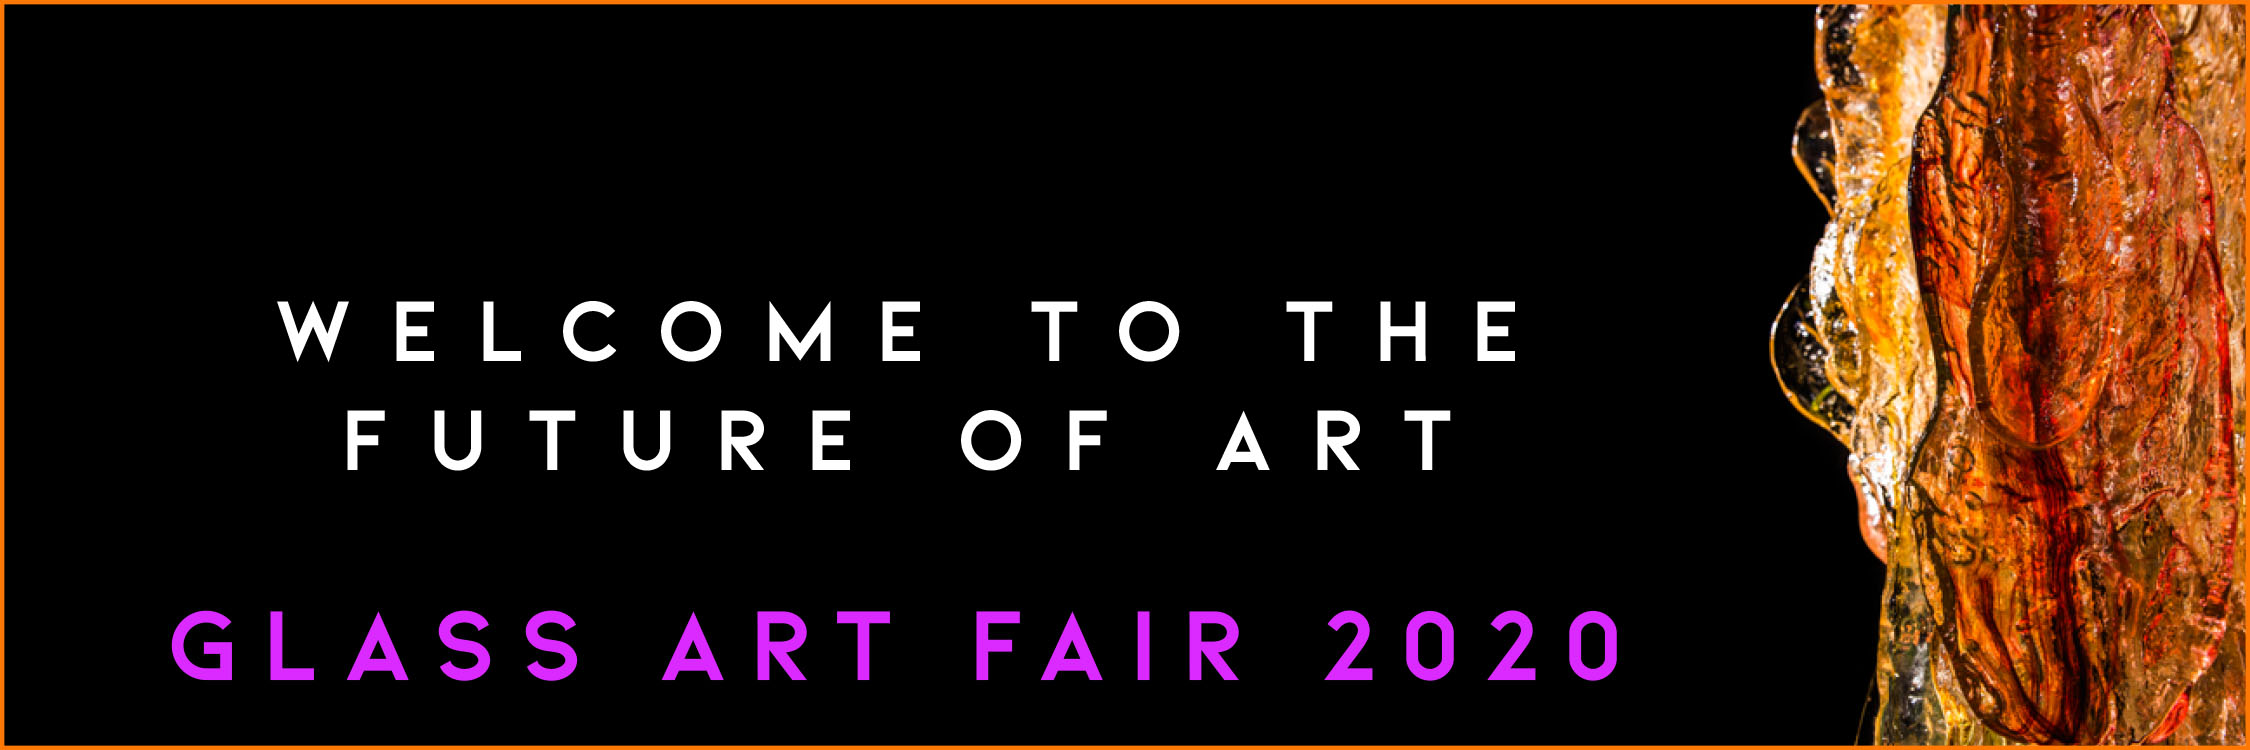 Glass Art Fair 2020